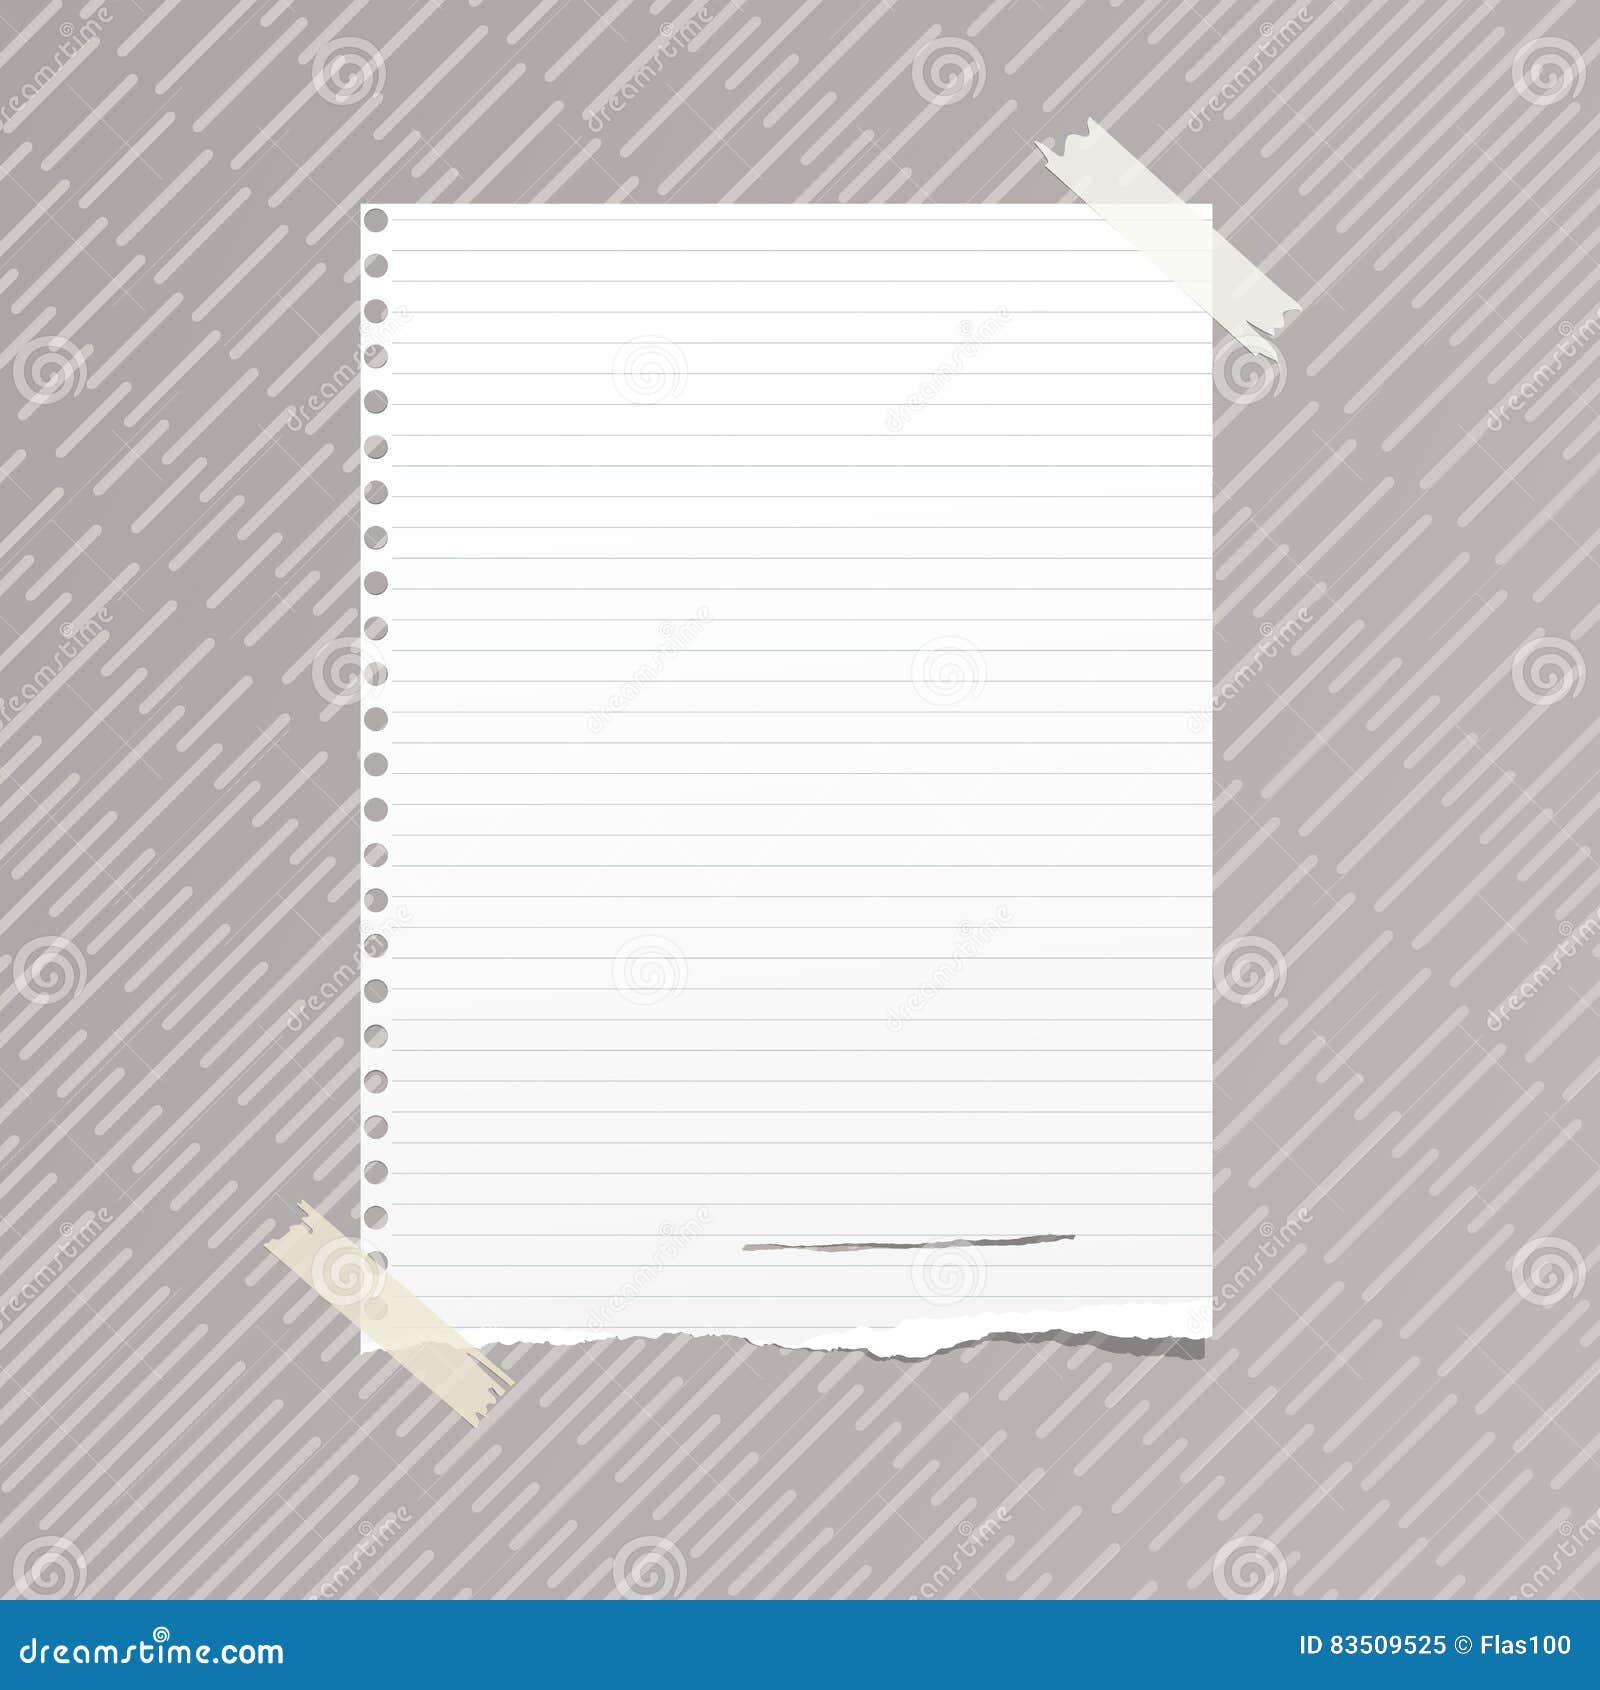 la note ordonn e blanche d chir e carnet feuille de papier commune a coll sur le mod le ray. Black Bedroom Furniture Sets. Home Design Ideas